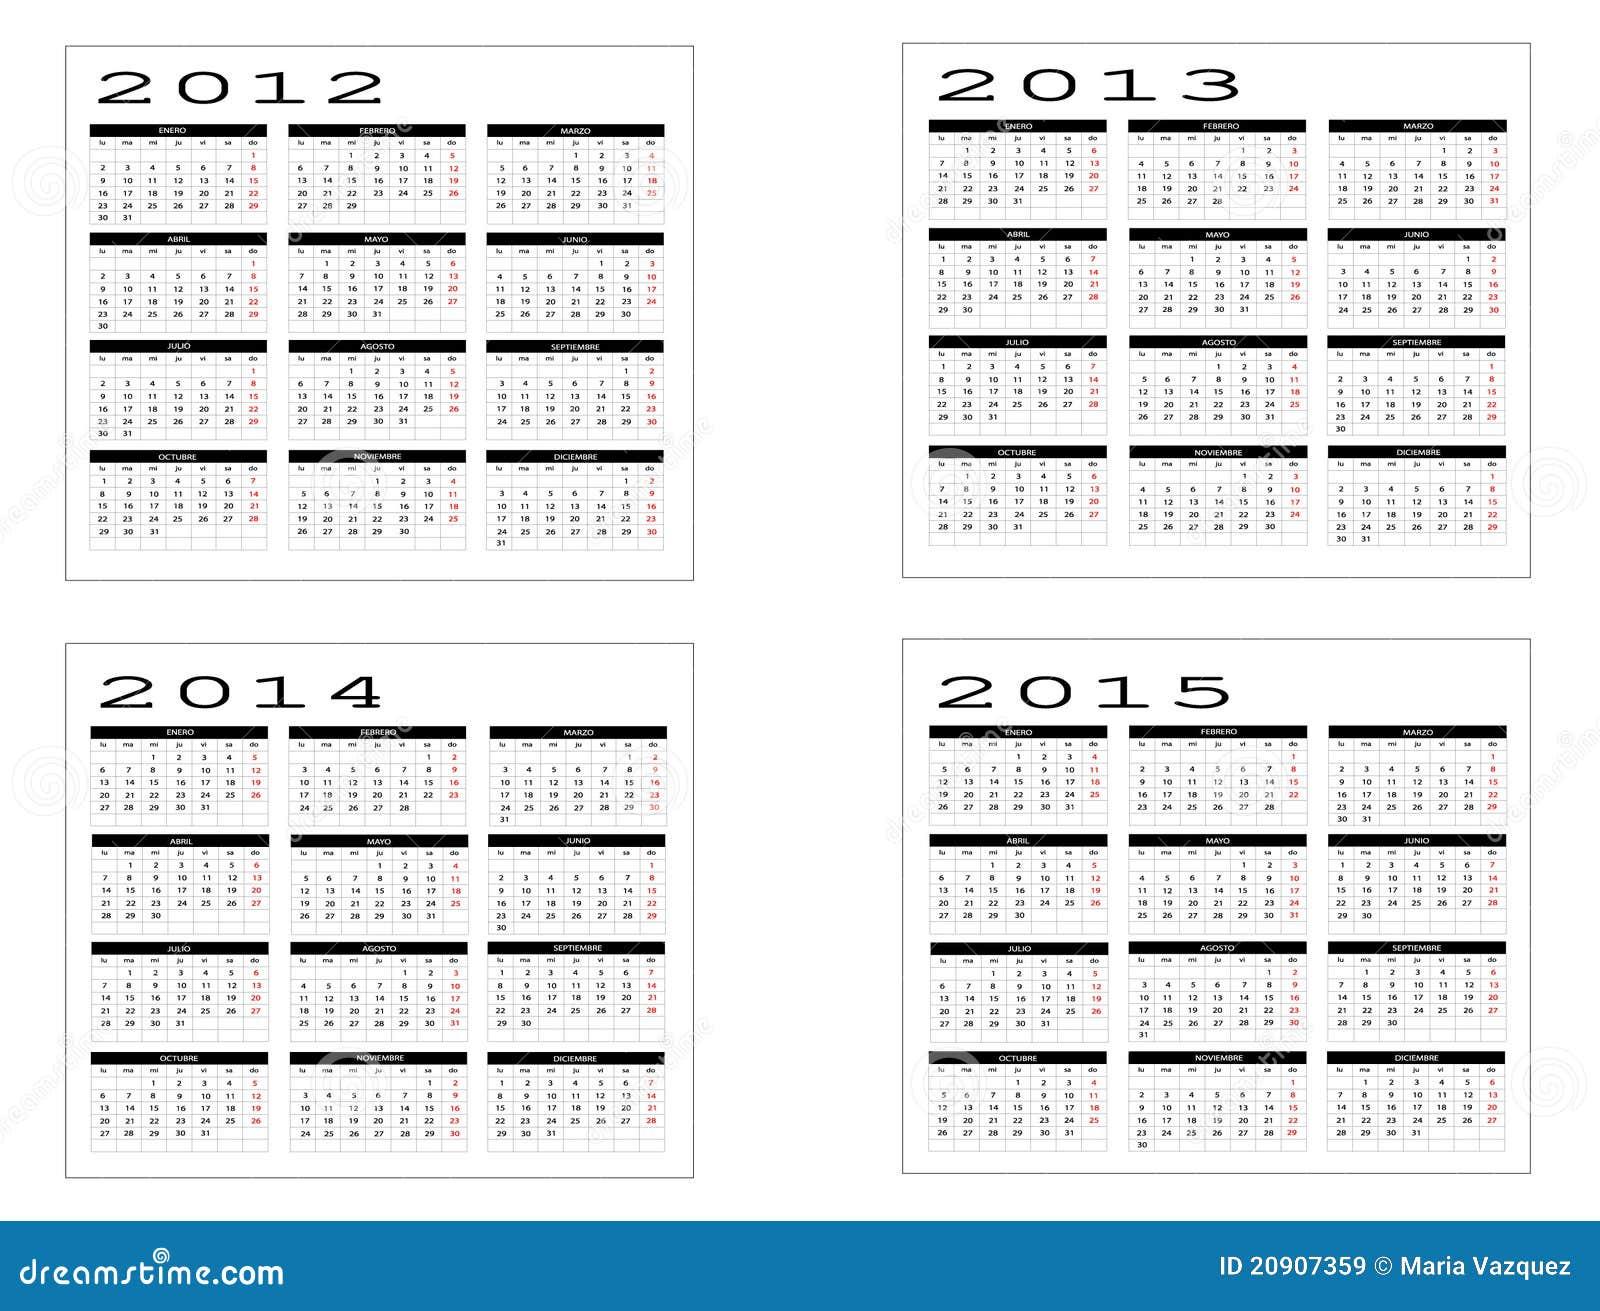 Images libres de droits: Calendrier de 2012 à 2015